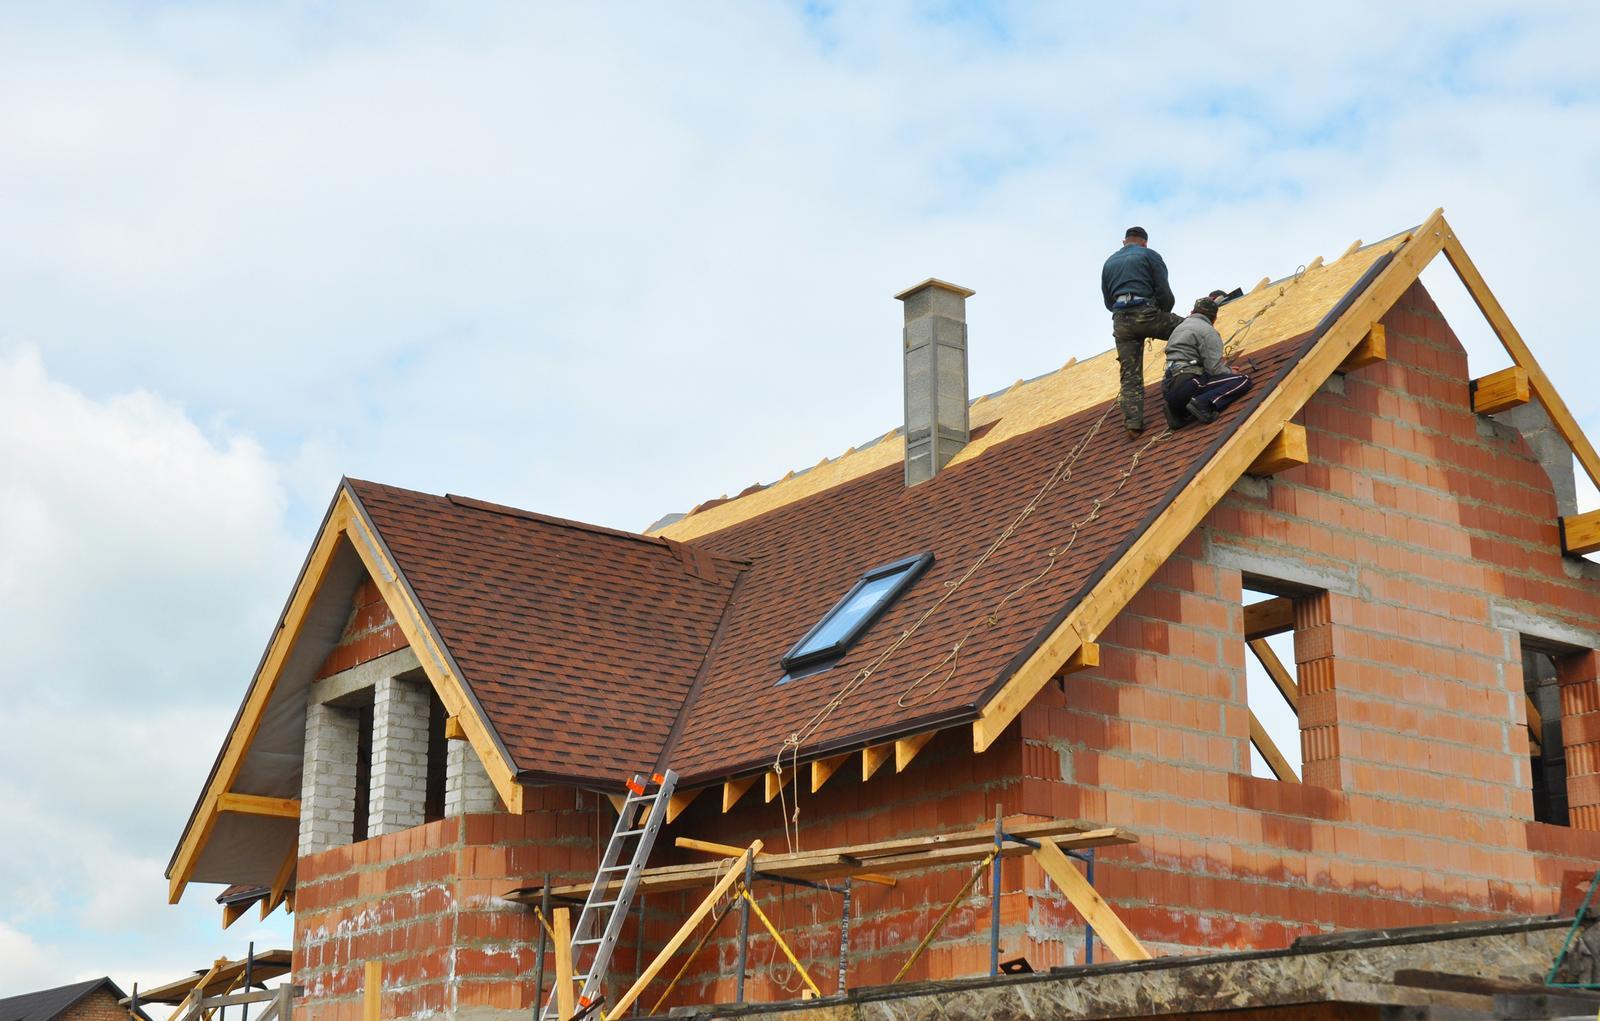 Stavba domu svojpomocne - Fotka skupiny